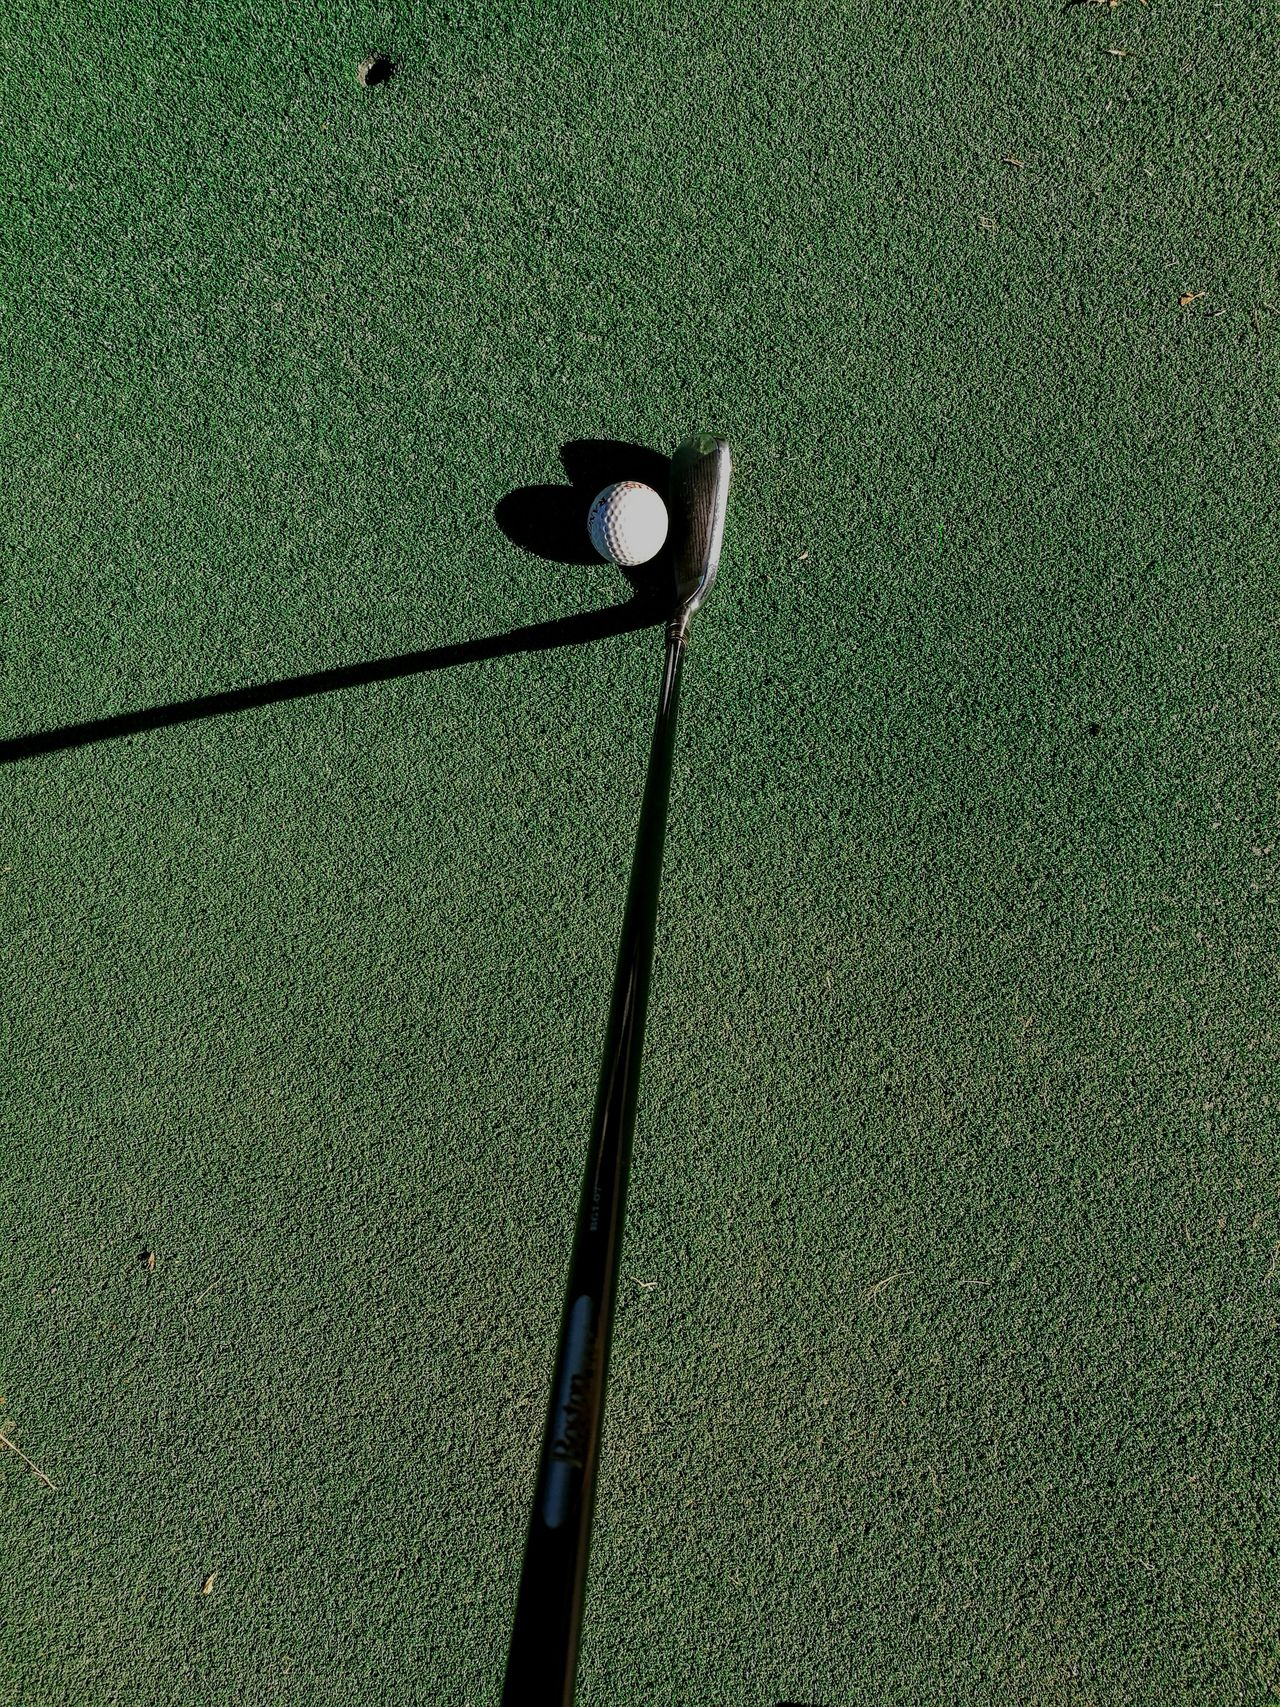 Green Color Green - Golf Course Golf Course Outdoors Iron 7